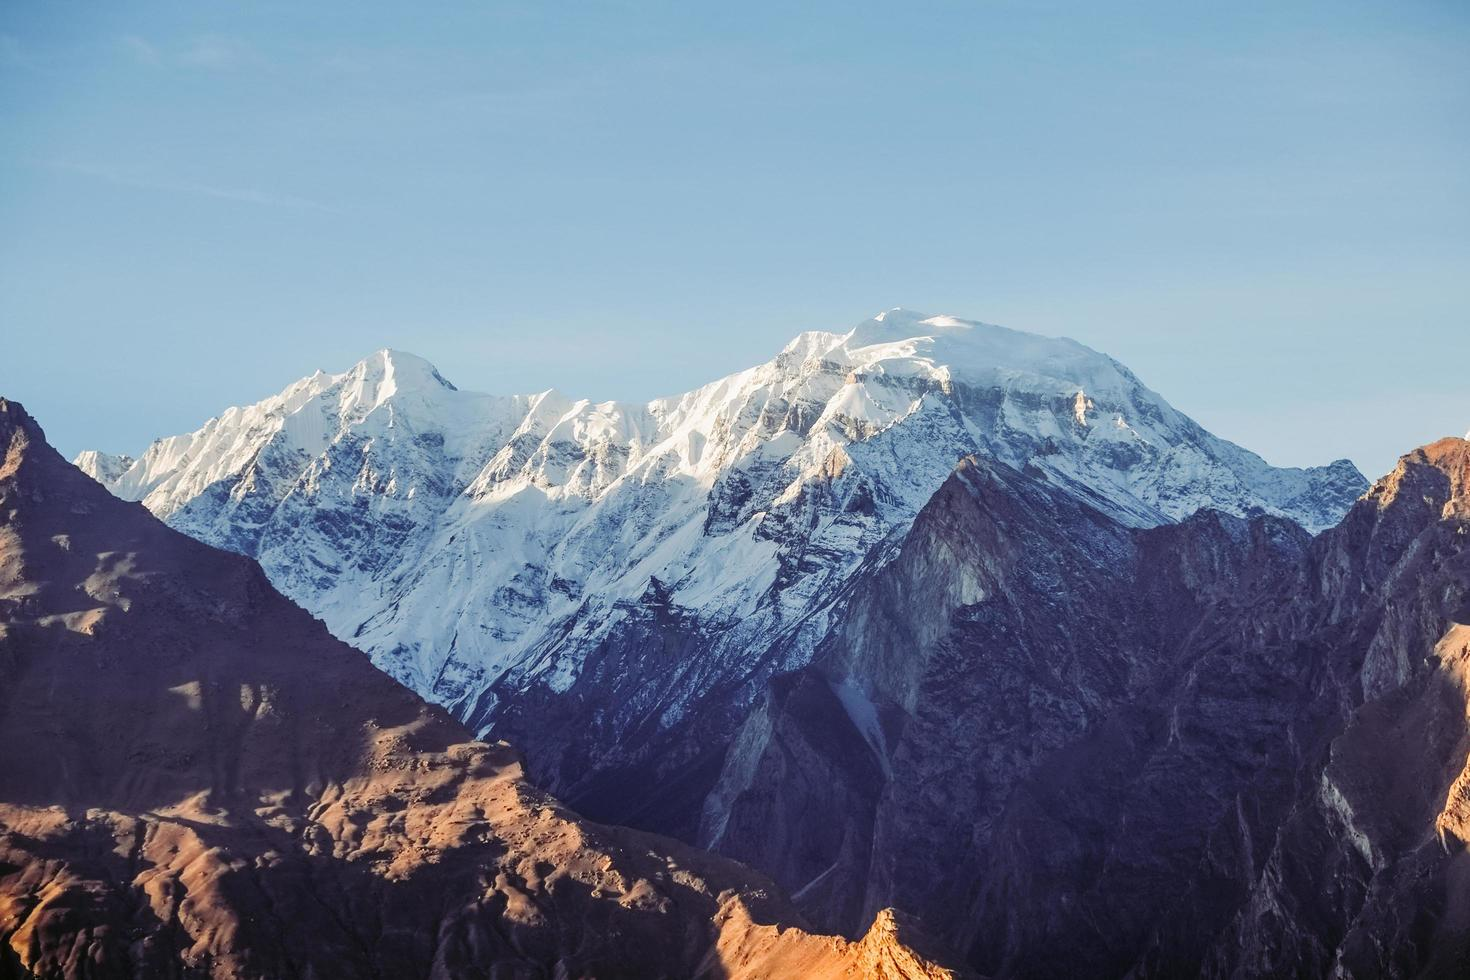 morgonsolljus som skiner på det snöklädda berget foto